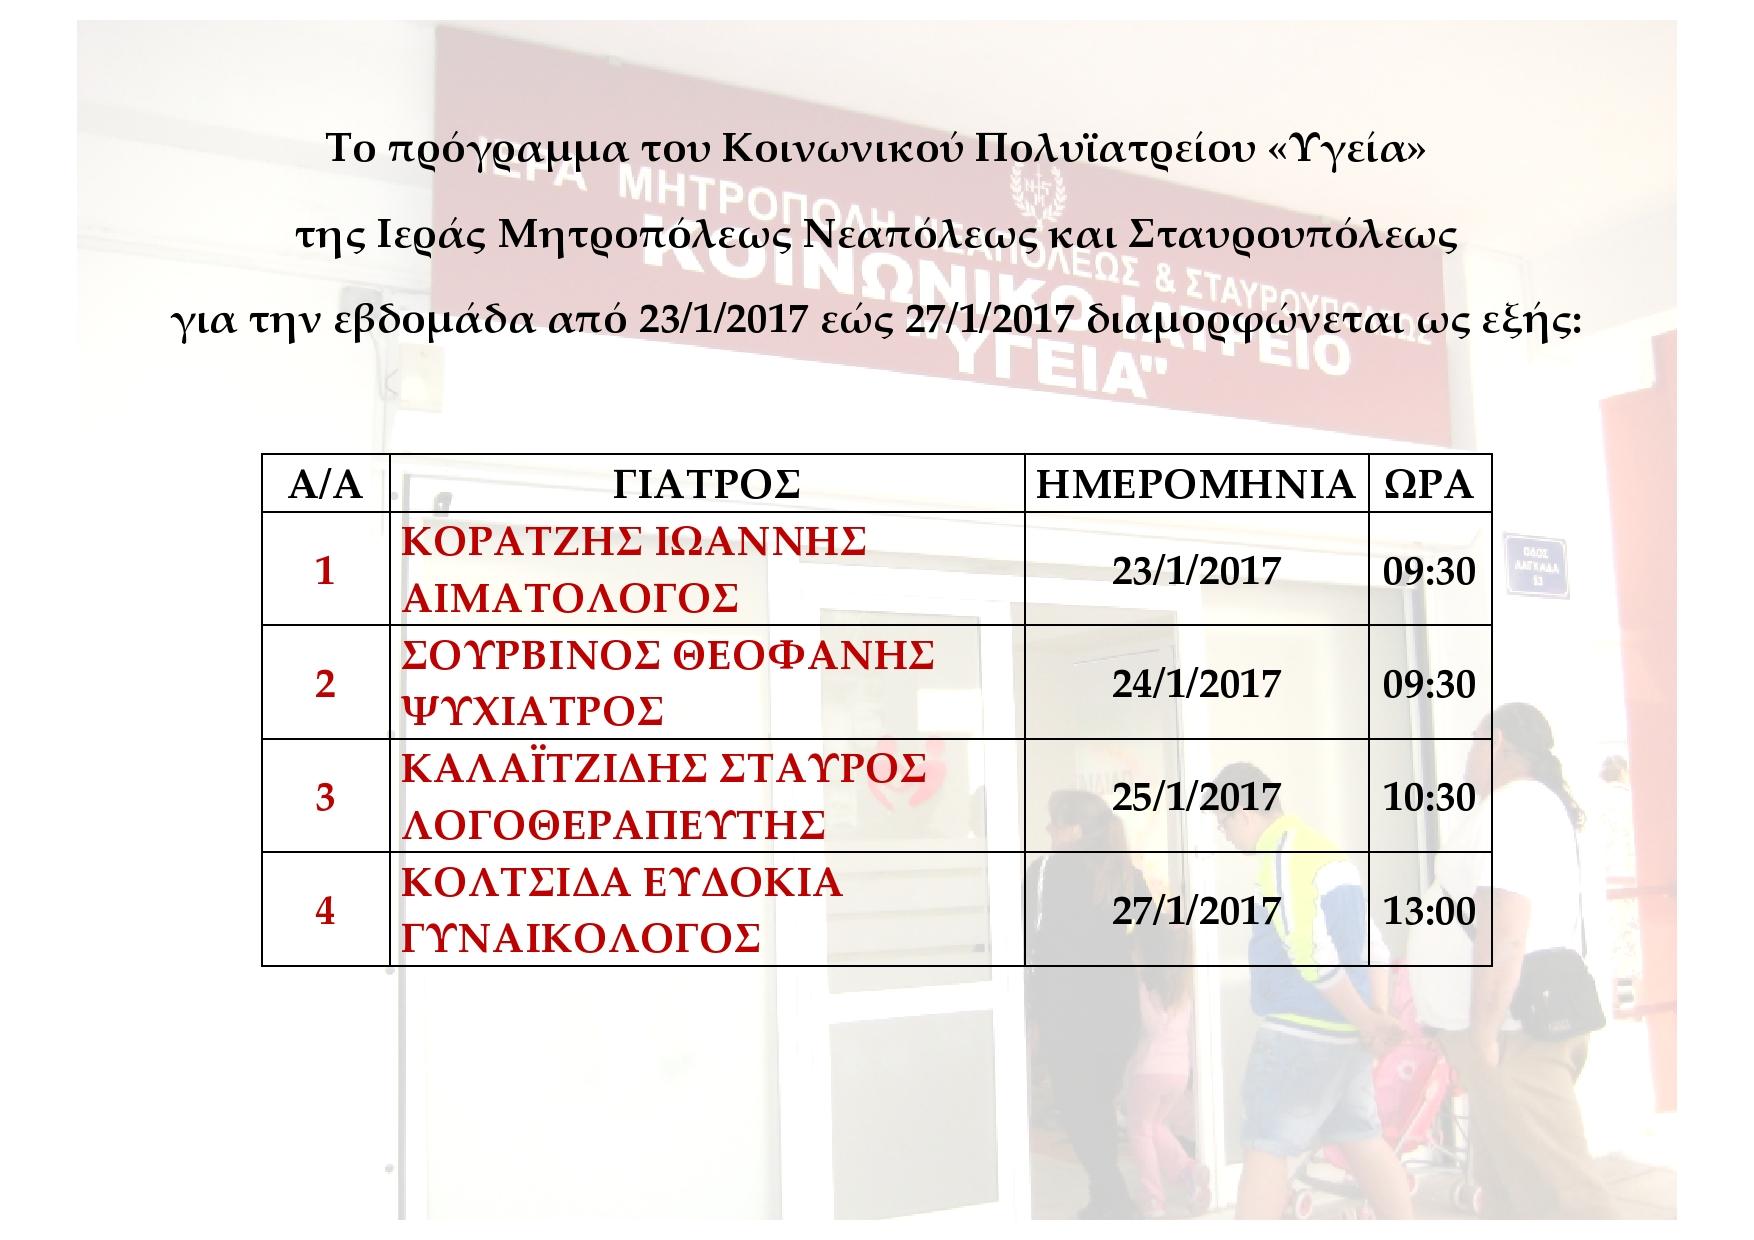 Πρόγραμμα Εβδομάδας, 23_1_2017-27_1_2017